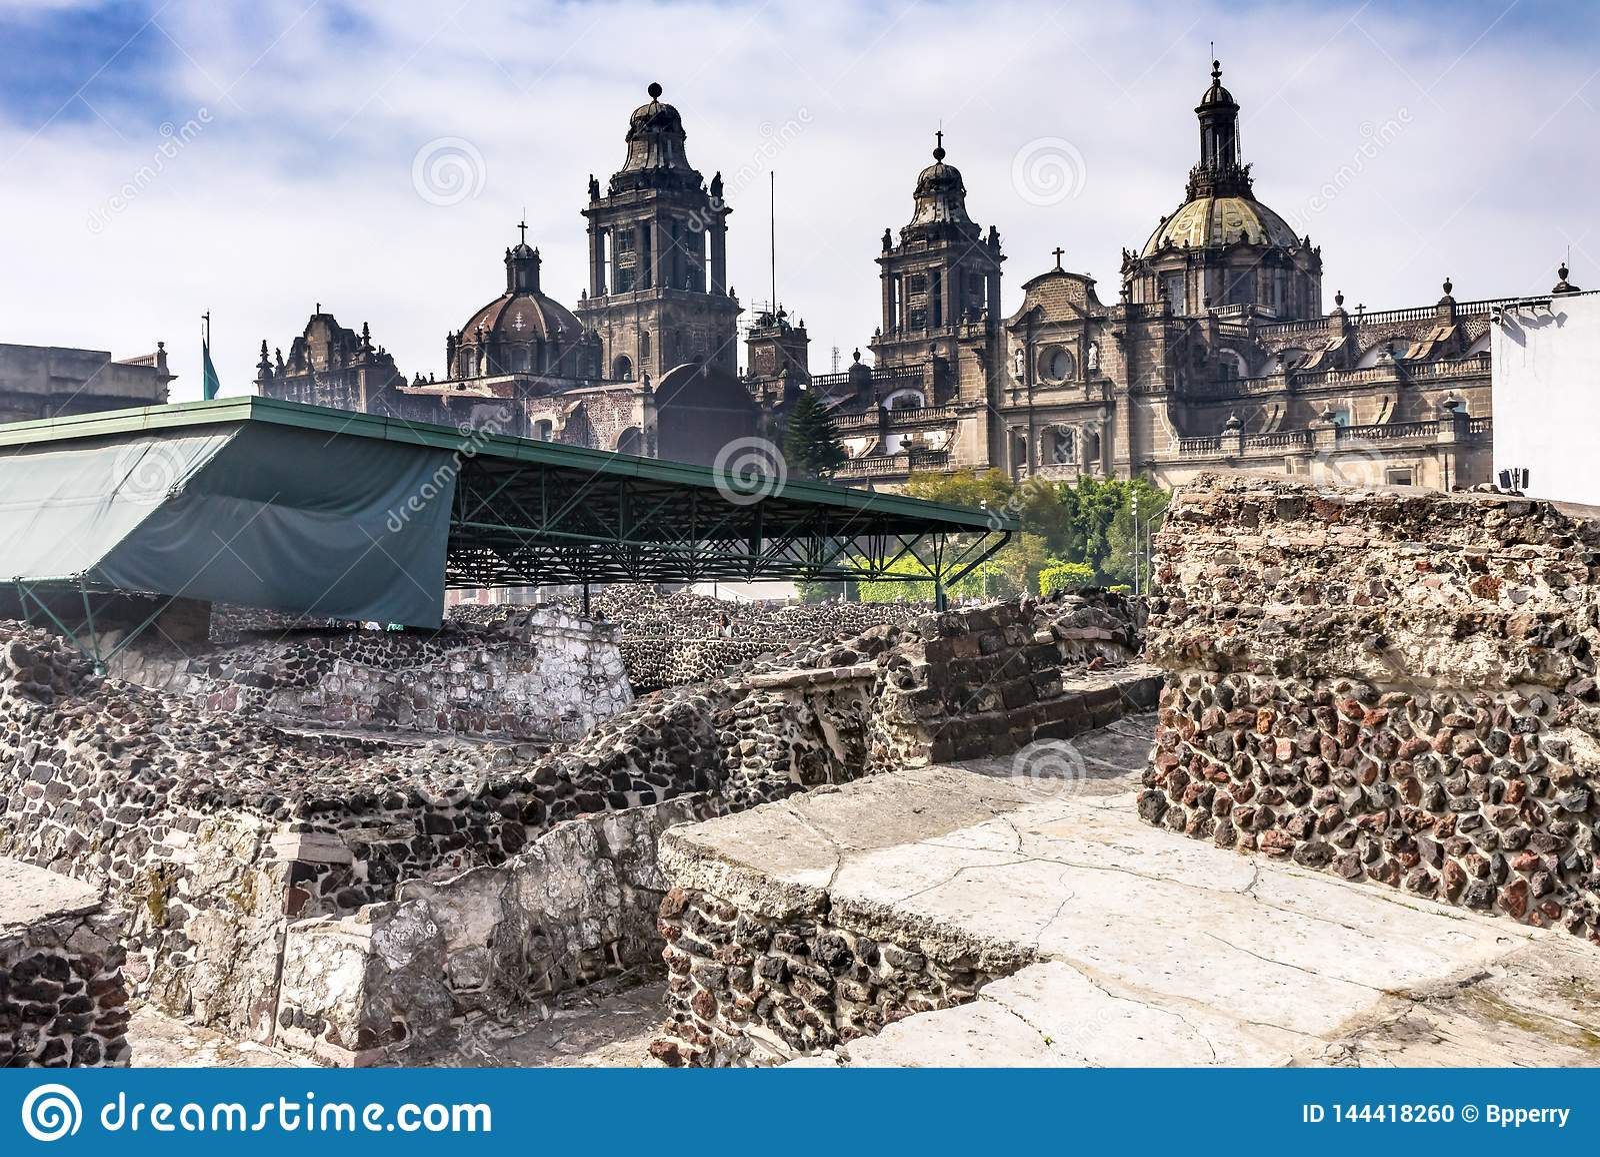 Alcalde metropolitano Zocalo Mexico City México de Templo de la catedral